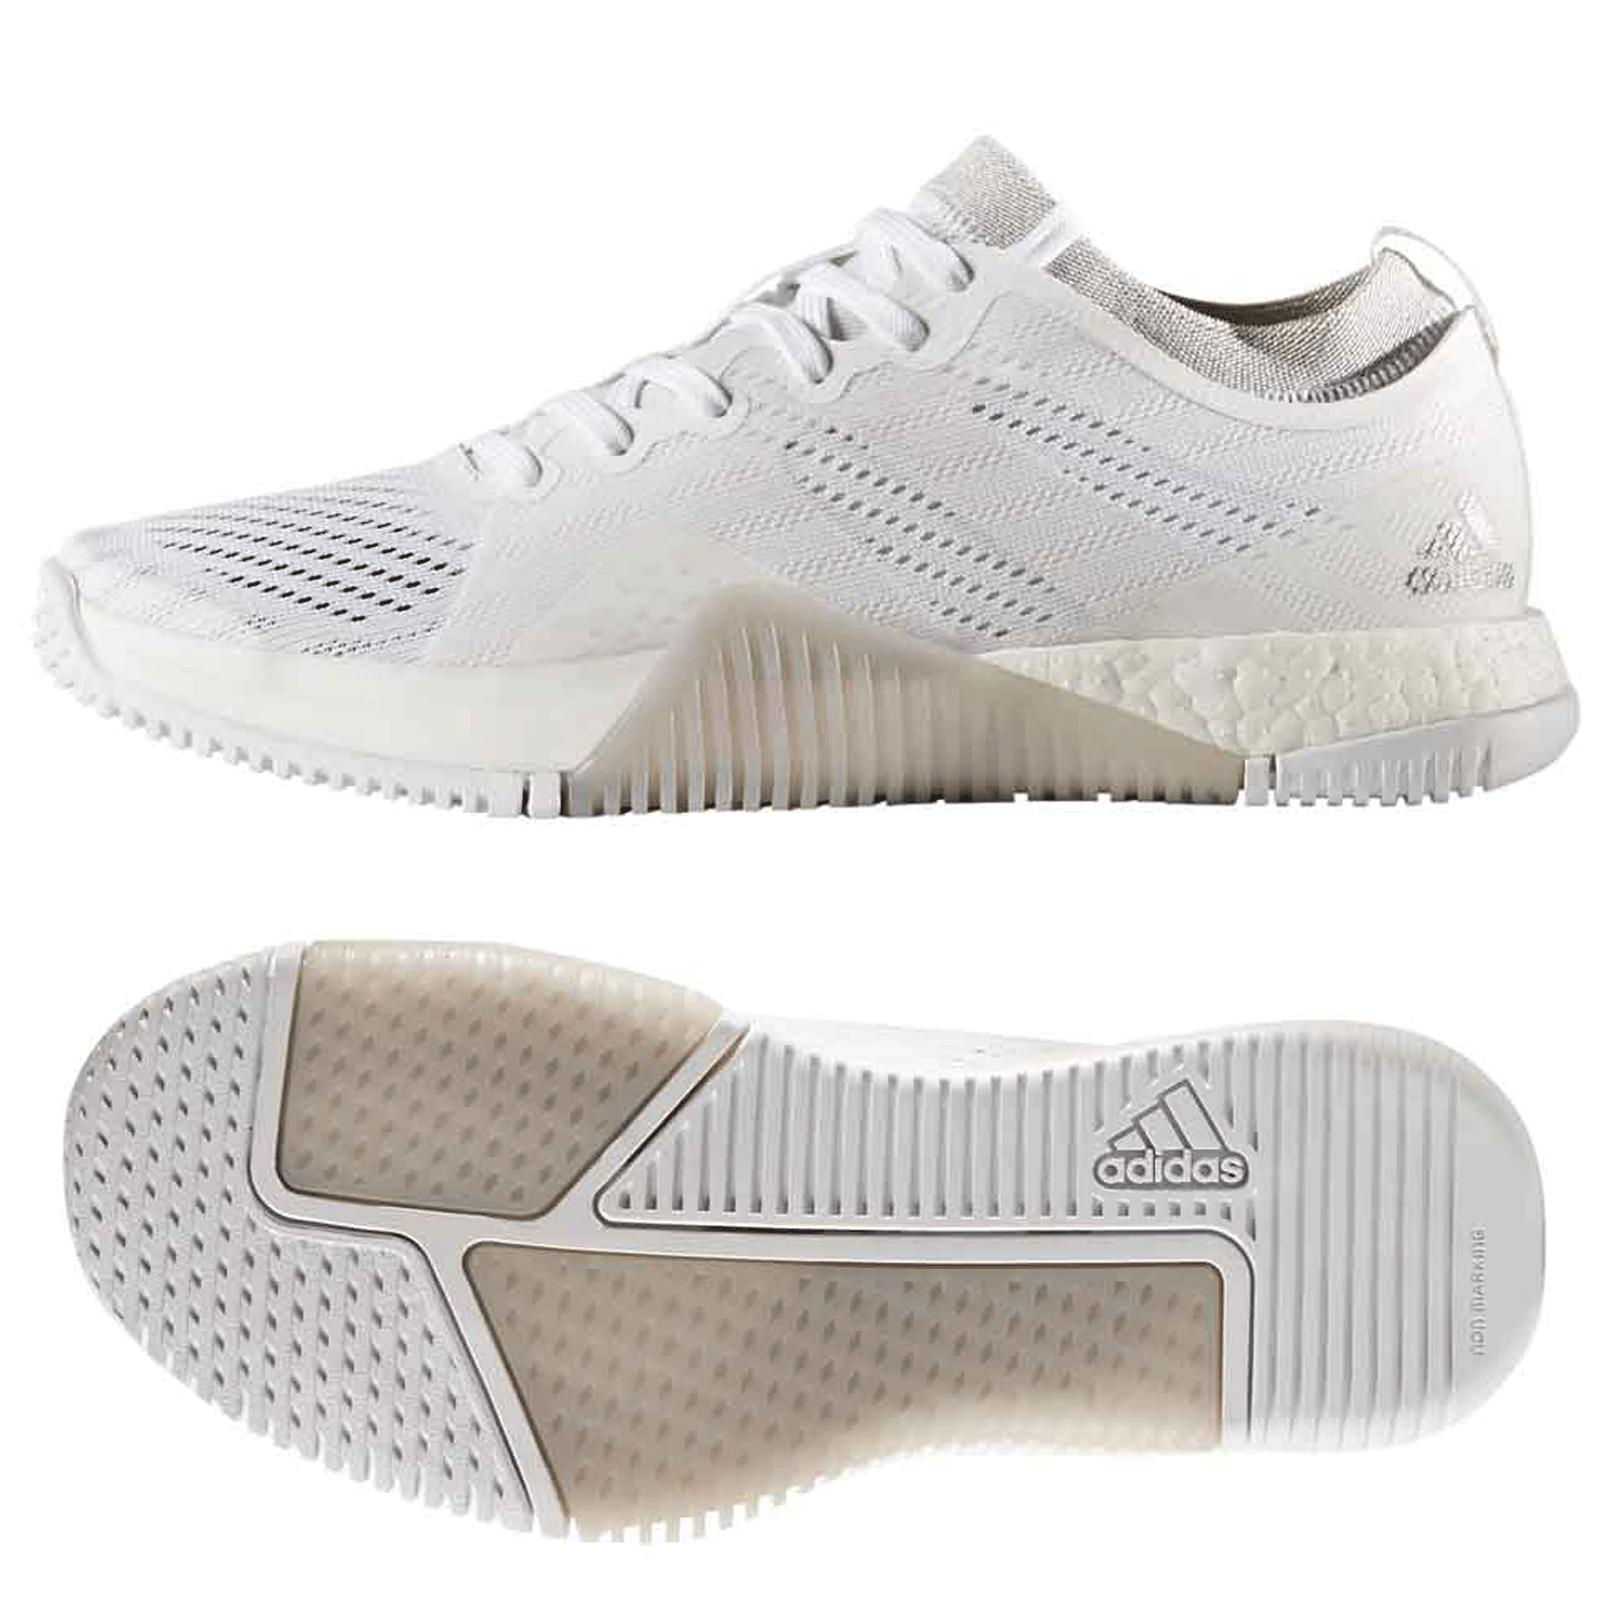 Adidas crazytrain Elite Boost daSie schuhe Sport Laufen Leisure NEW